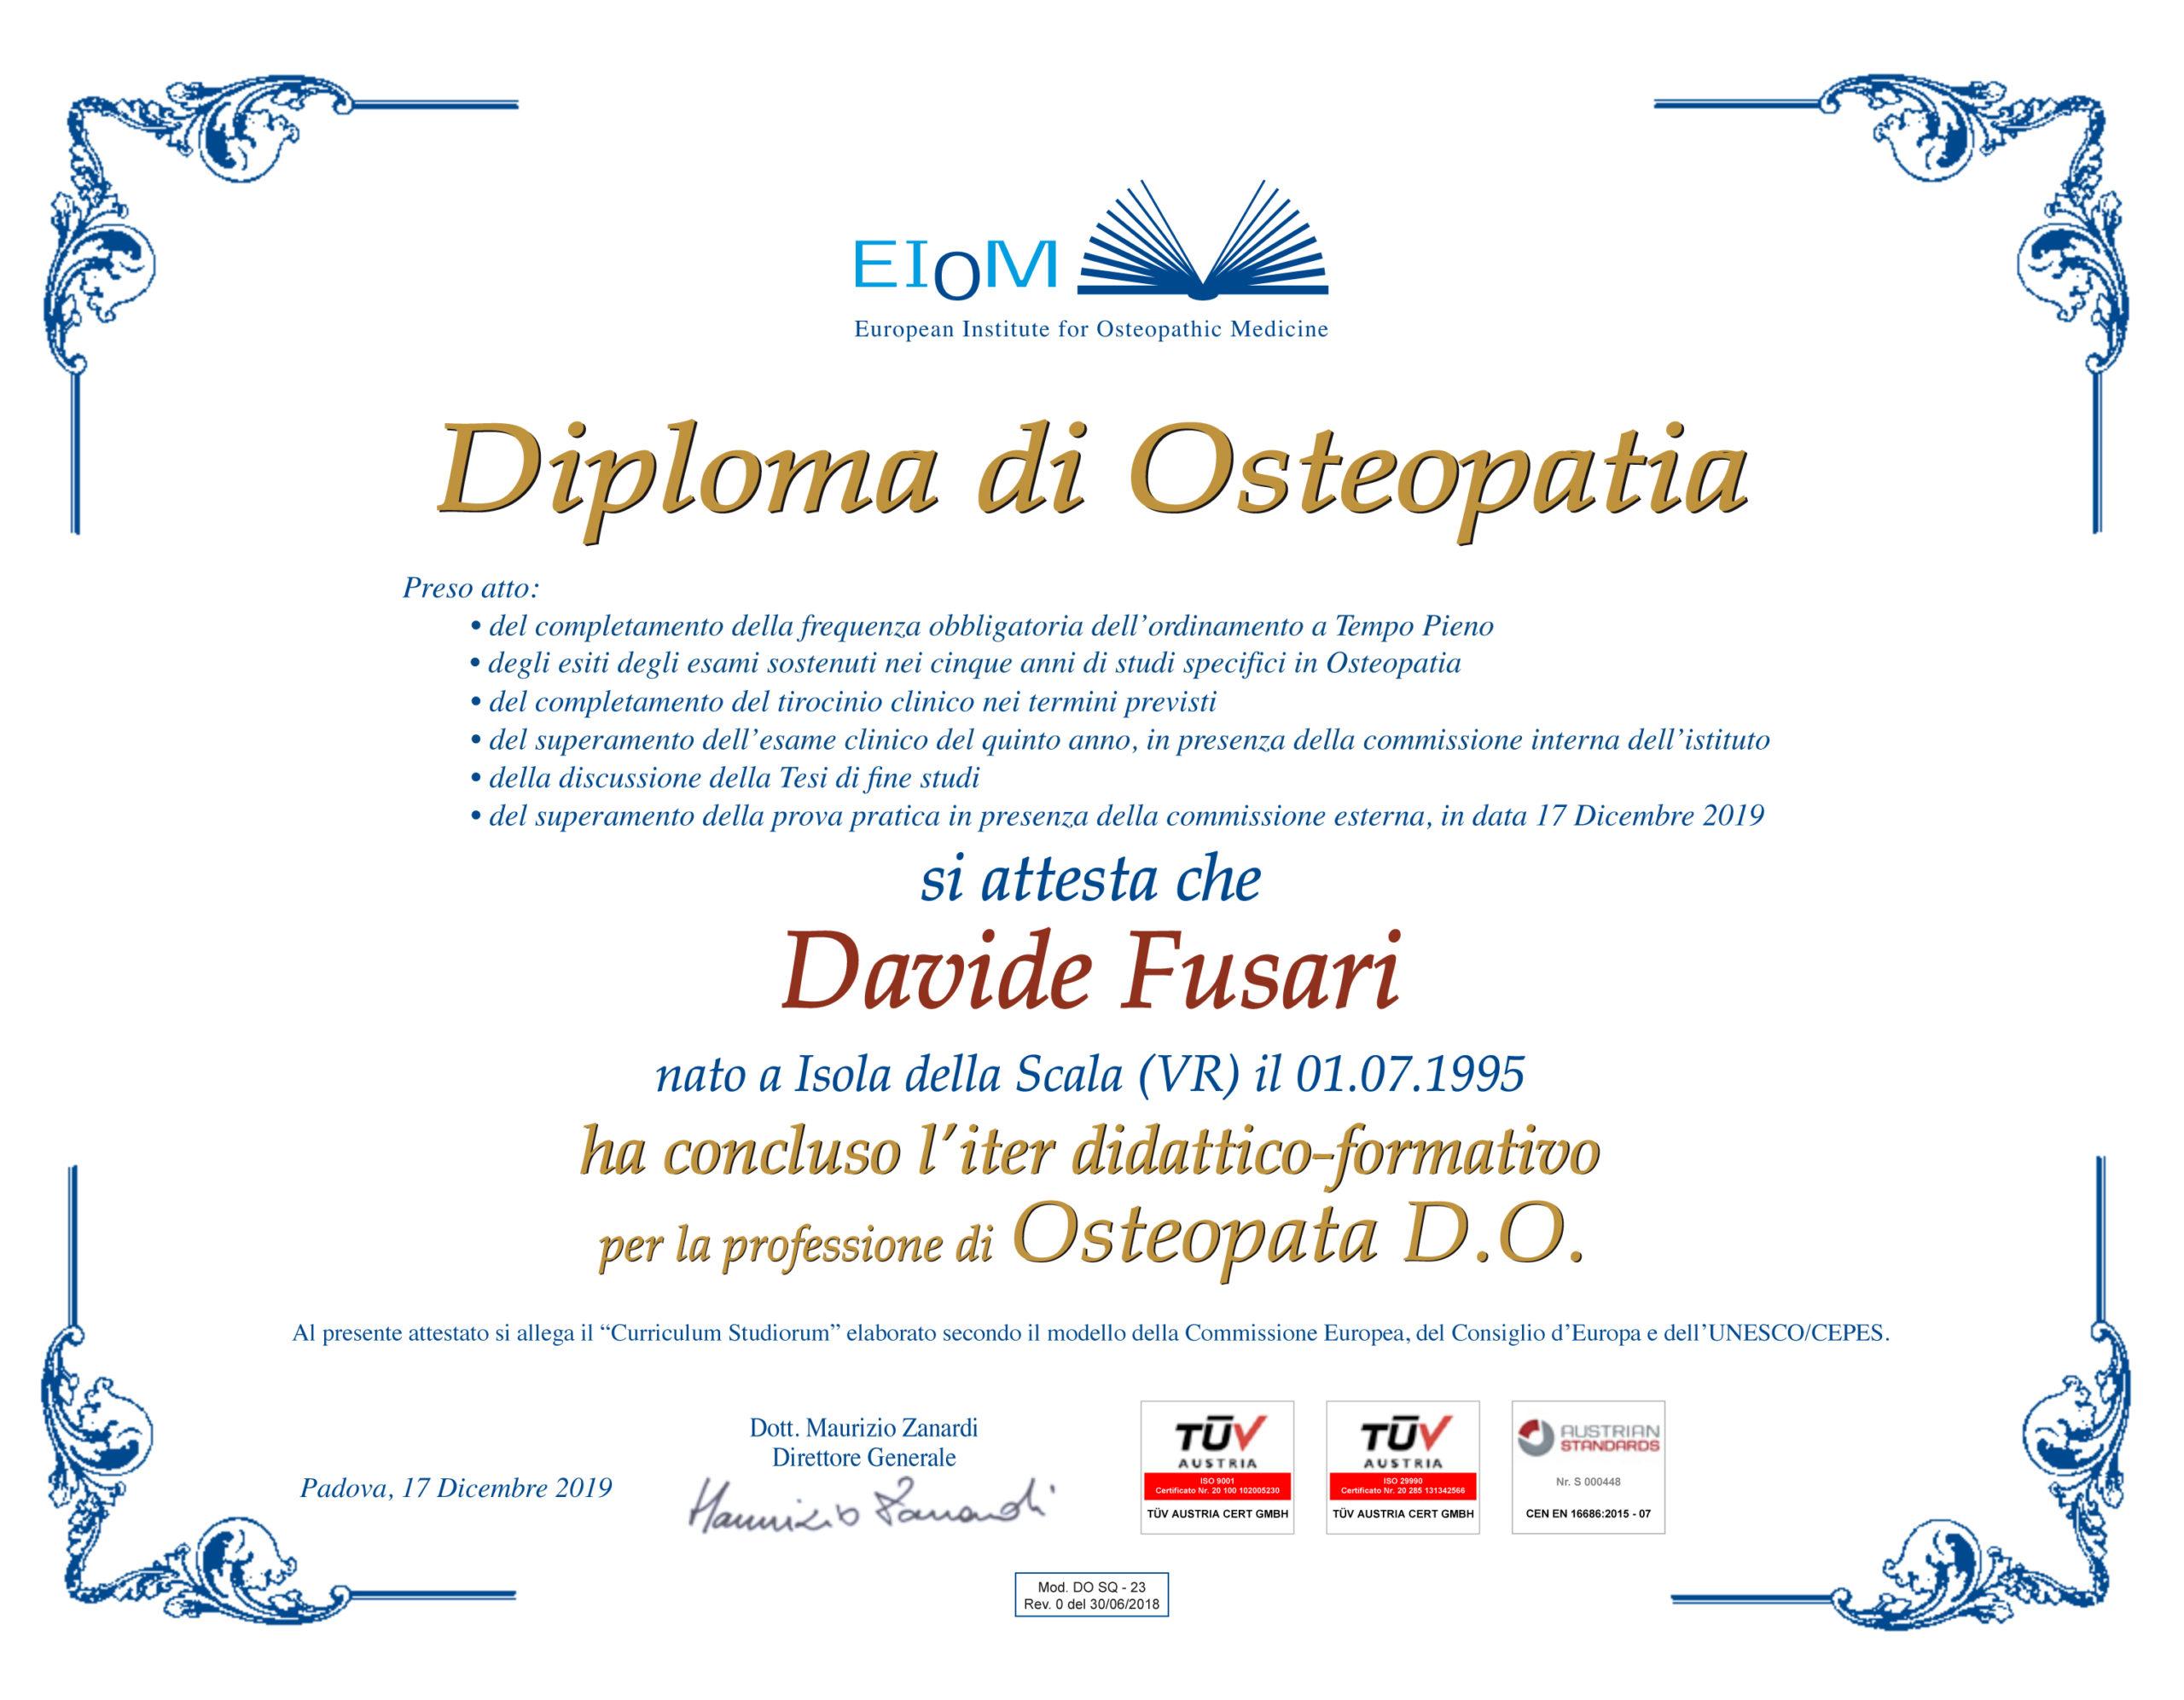 diploma-di-osteopatia-FUSARI-DAVIDE